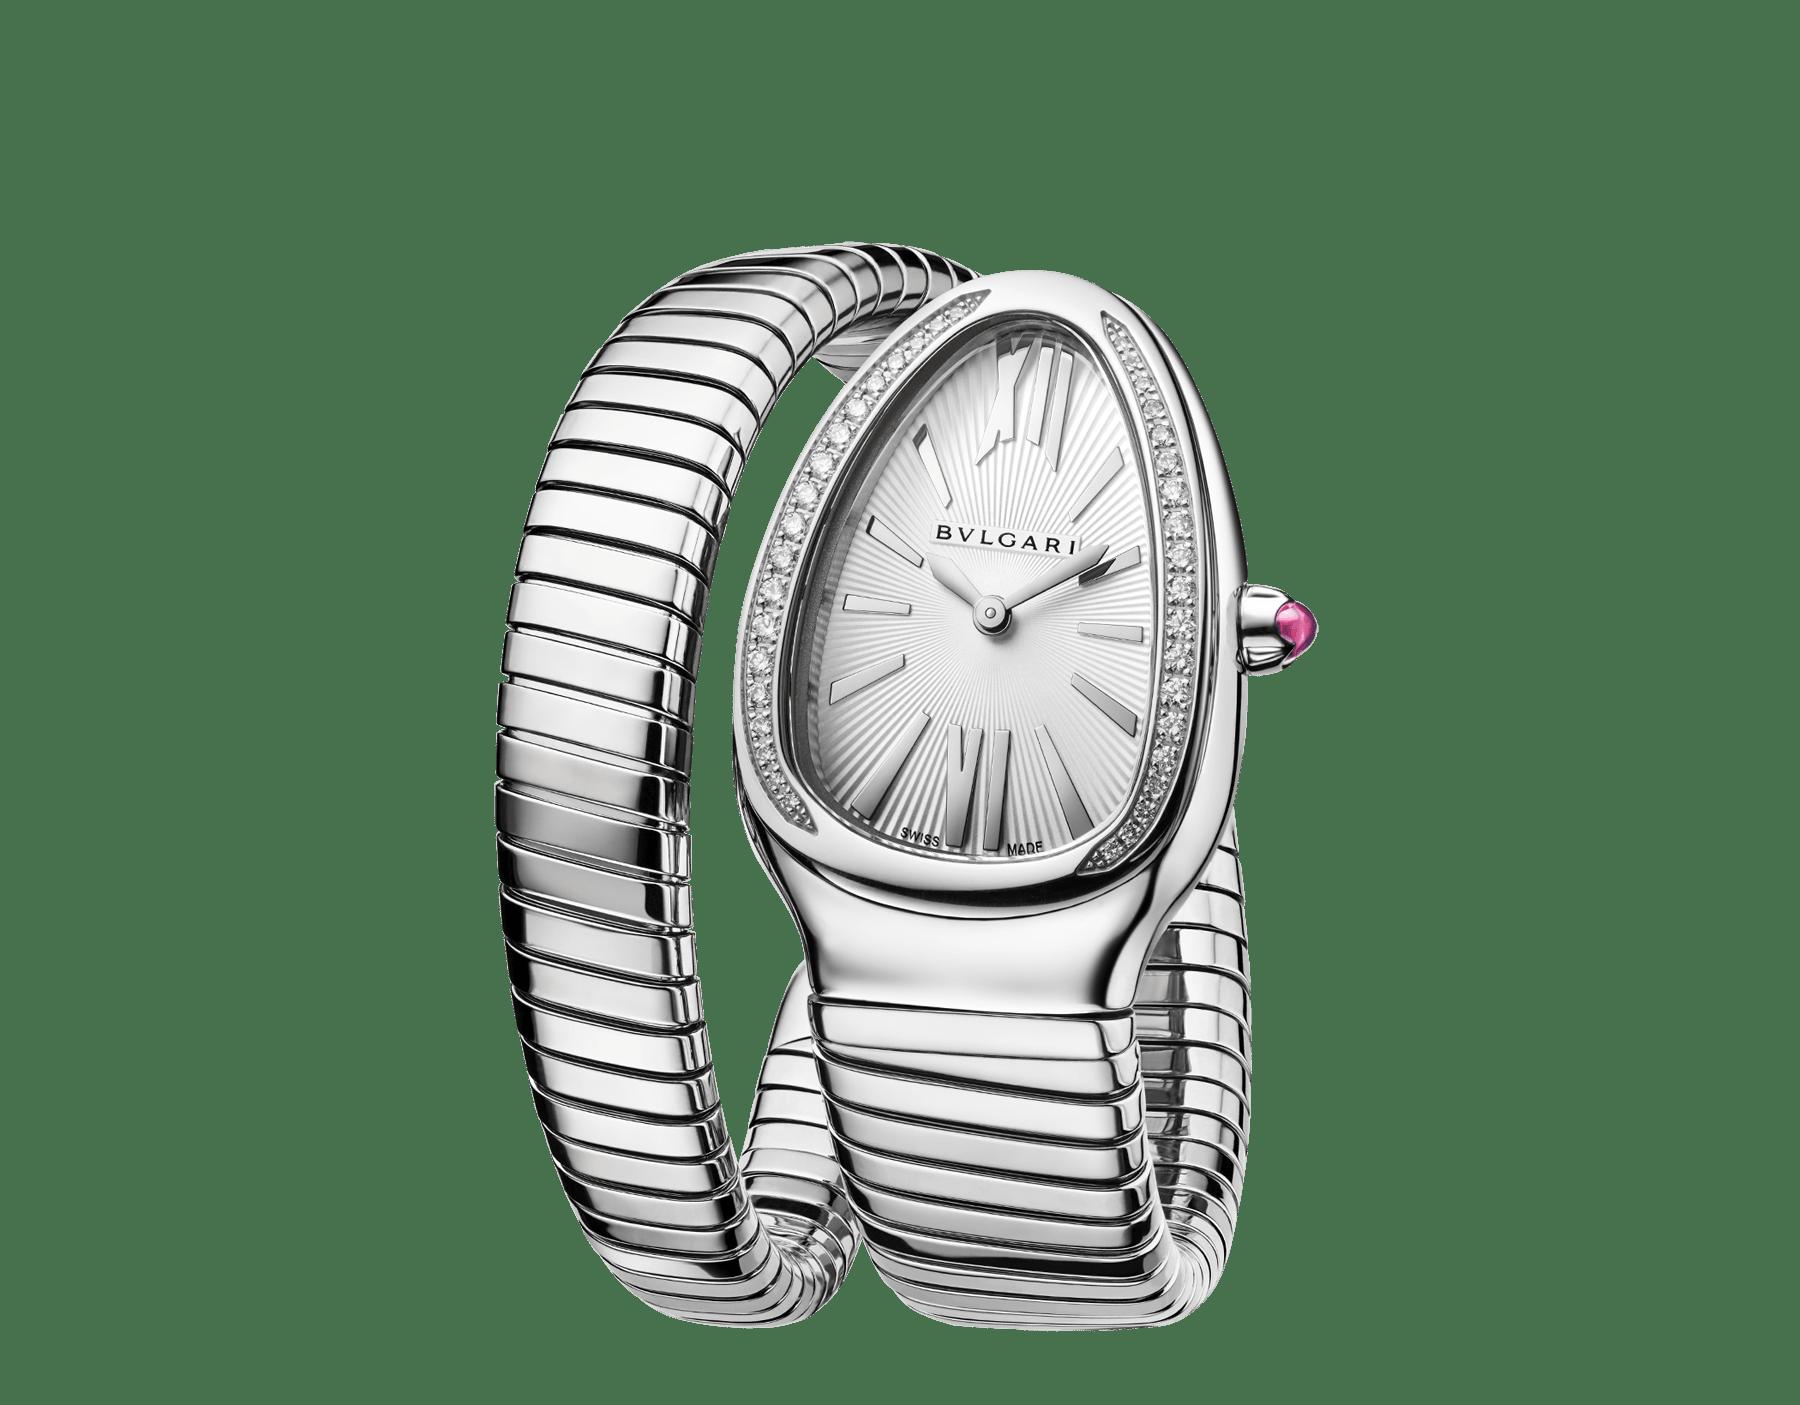 Montre Serpenti Tubogas avec boîtier et bracelet une spirale en acier inoxydable, cadran en opaline argentée. Grand modèle. SrpntTubogas-white-dial1 image 2